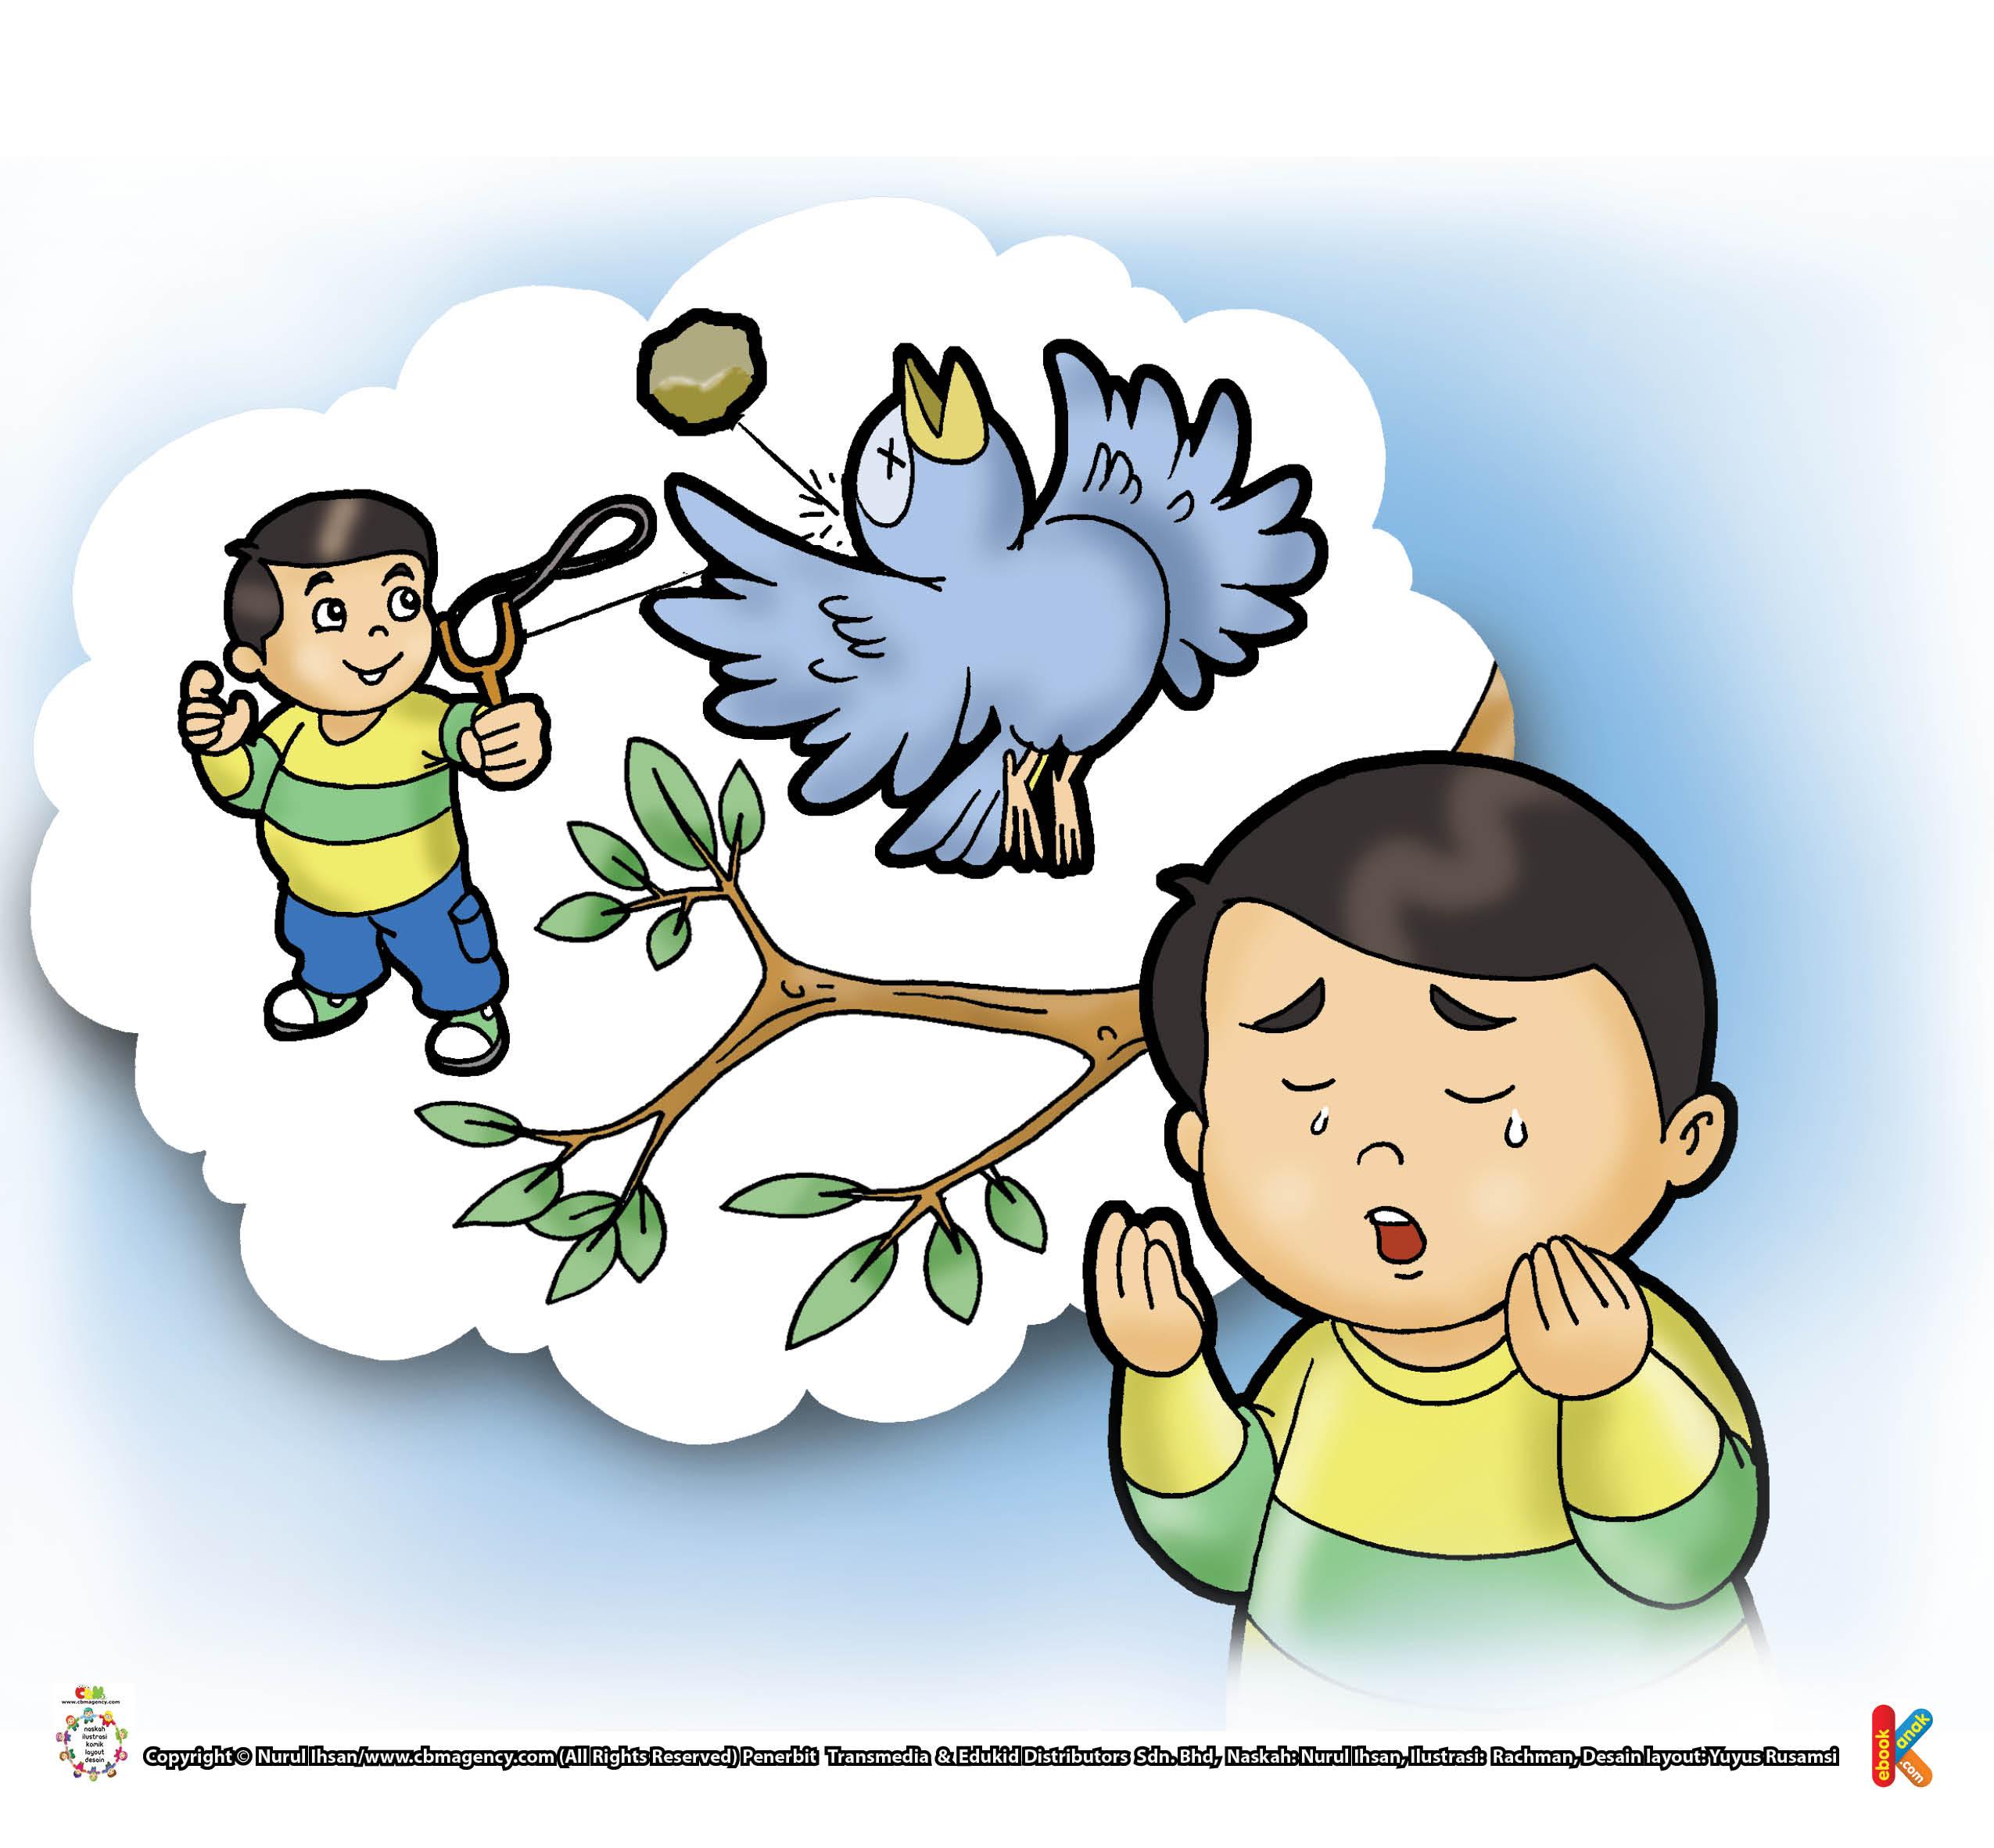 Husna tampak menyesal, karena ia telah mengetapel seekor burung di atas pohon.